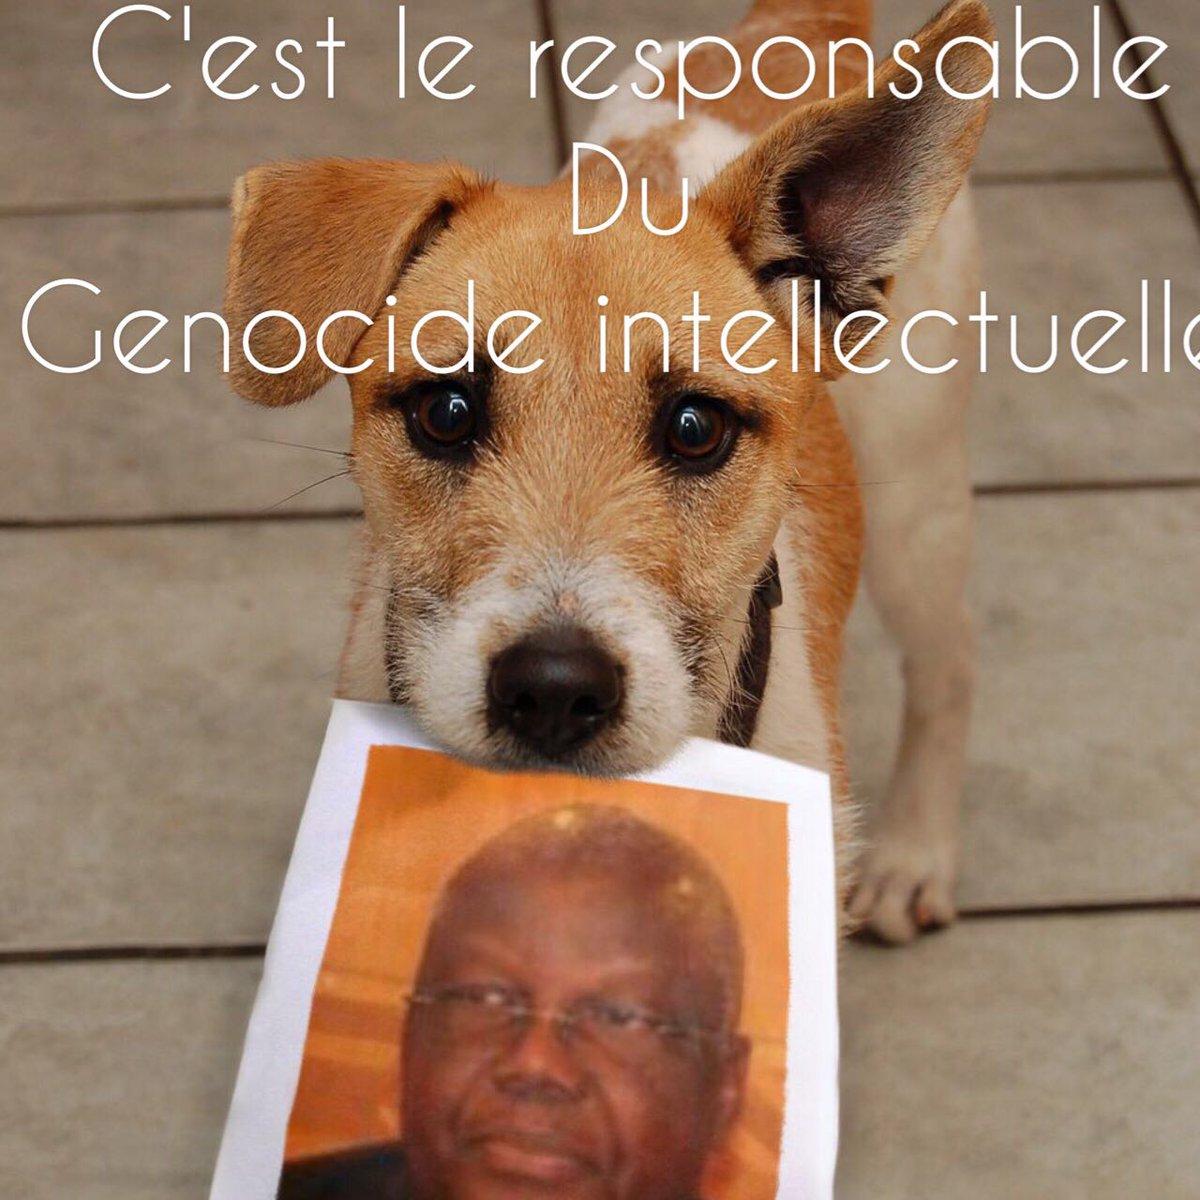 Sorcellerie politique au rendez-vous du dialogue des sourds #Gabon #PrayForGabon #World @PourNosMartyrs #NonAuDialogue @WirFuerGabun<br>http://pic.twitter.com/zFcyByg6wQ